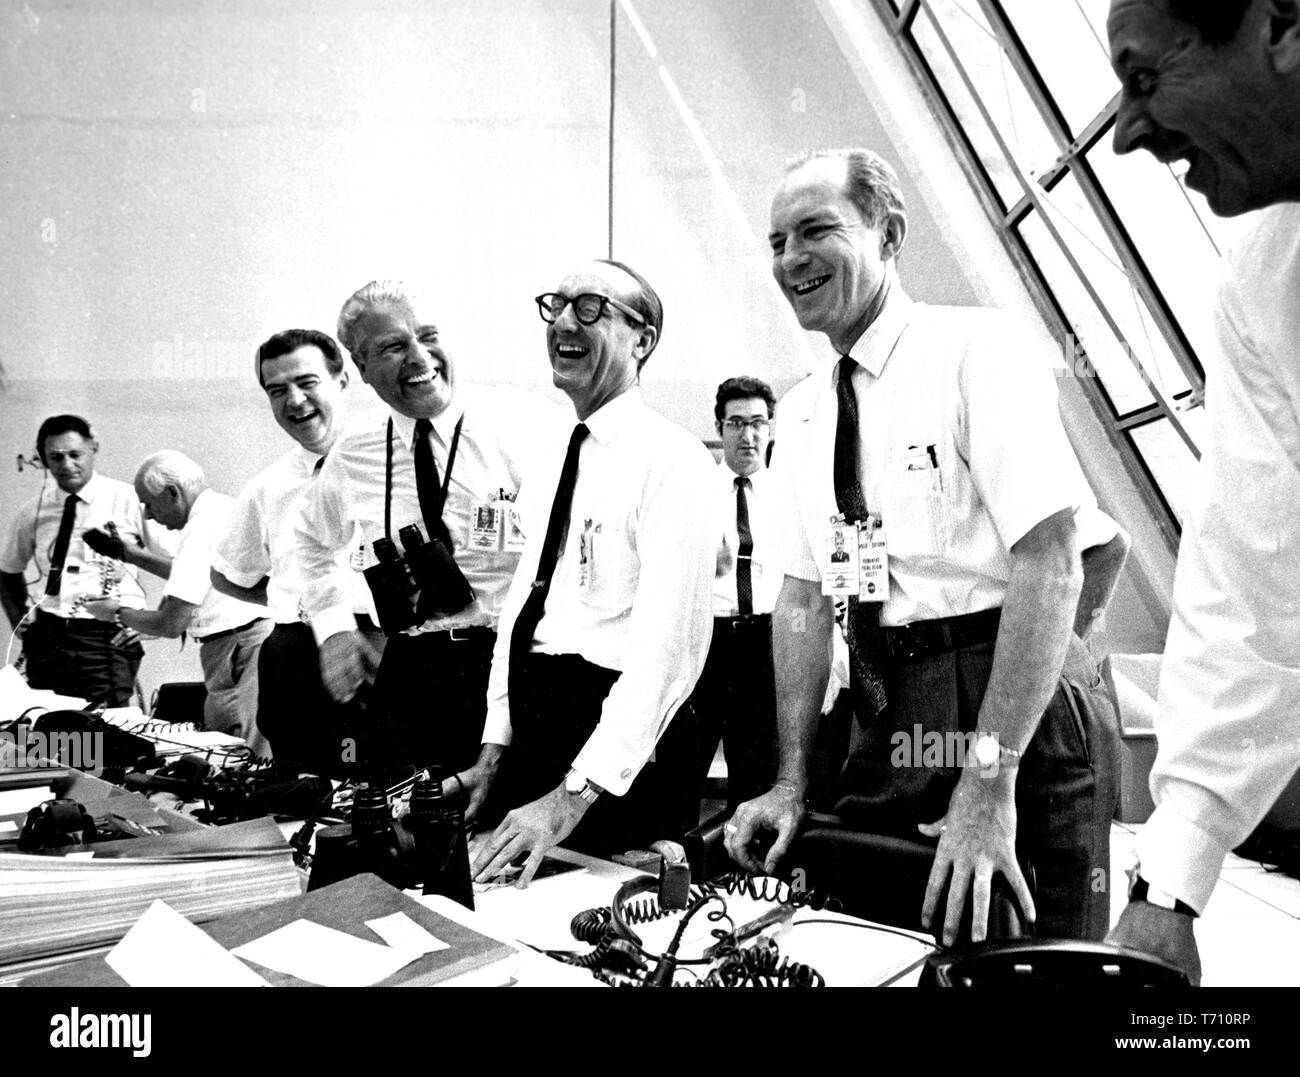 Apollo 11 Mission Beamten entspannen in der Launch Control Center am Kennedy Space Center auf Merritt Island, Florida, darunter Charles W Mathews, Dr. Wernher von Braun, Georg Müller und Allgemeine Samuel C Phillips, 16. Juli 1969. Mit freundlicher Genehmigung der Nationalen Luft- und Raumfahrtbehörde (NASA). () Stockfoto